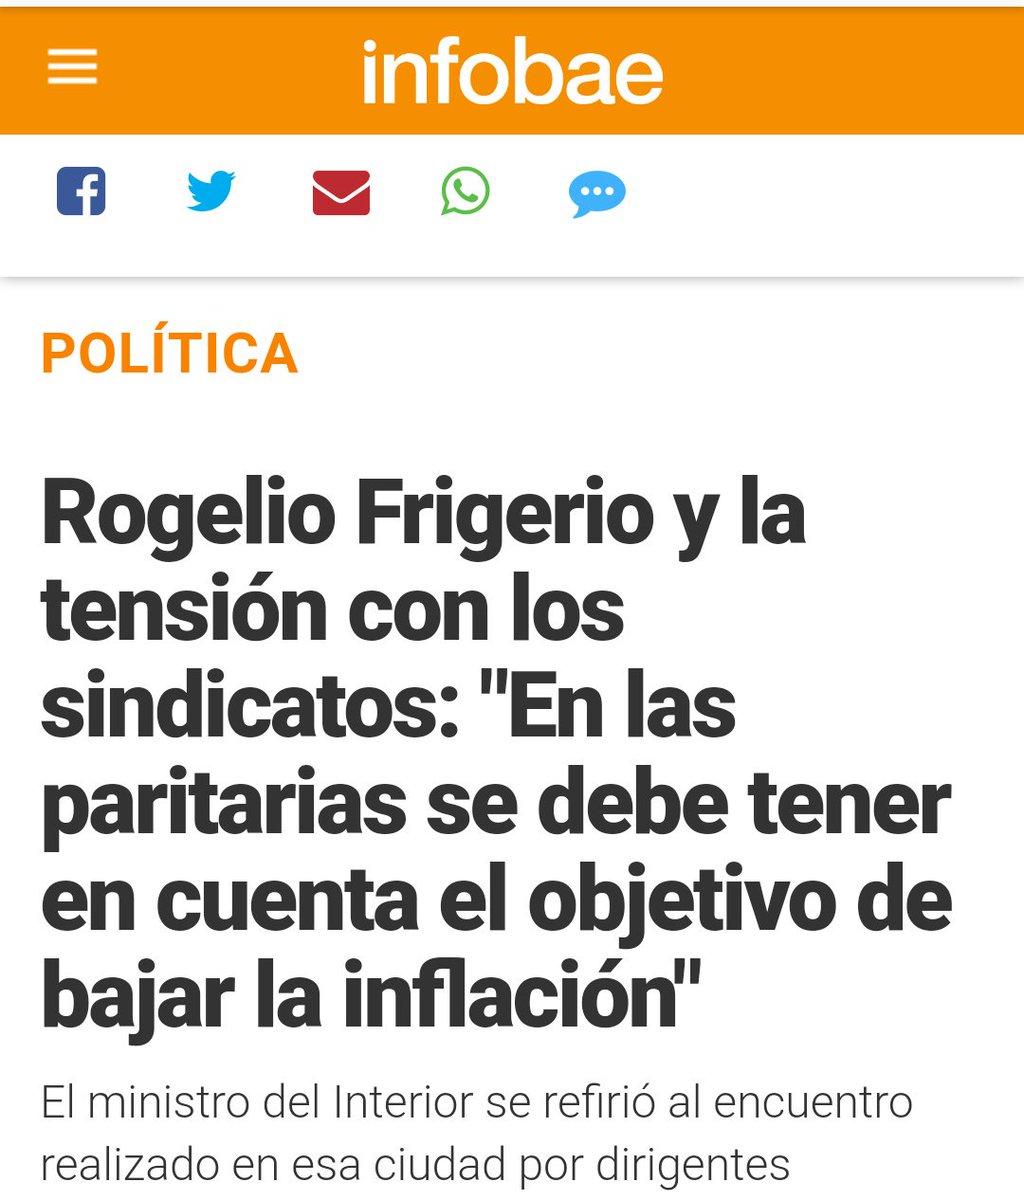 RT @PeriodistaPeron: Con Cristina / Con Macri https://t.co/BGy7GZ2JsH